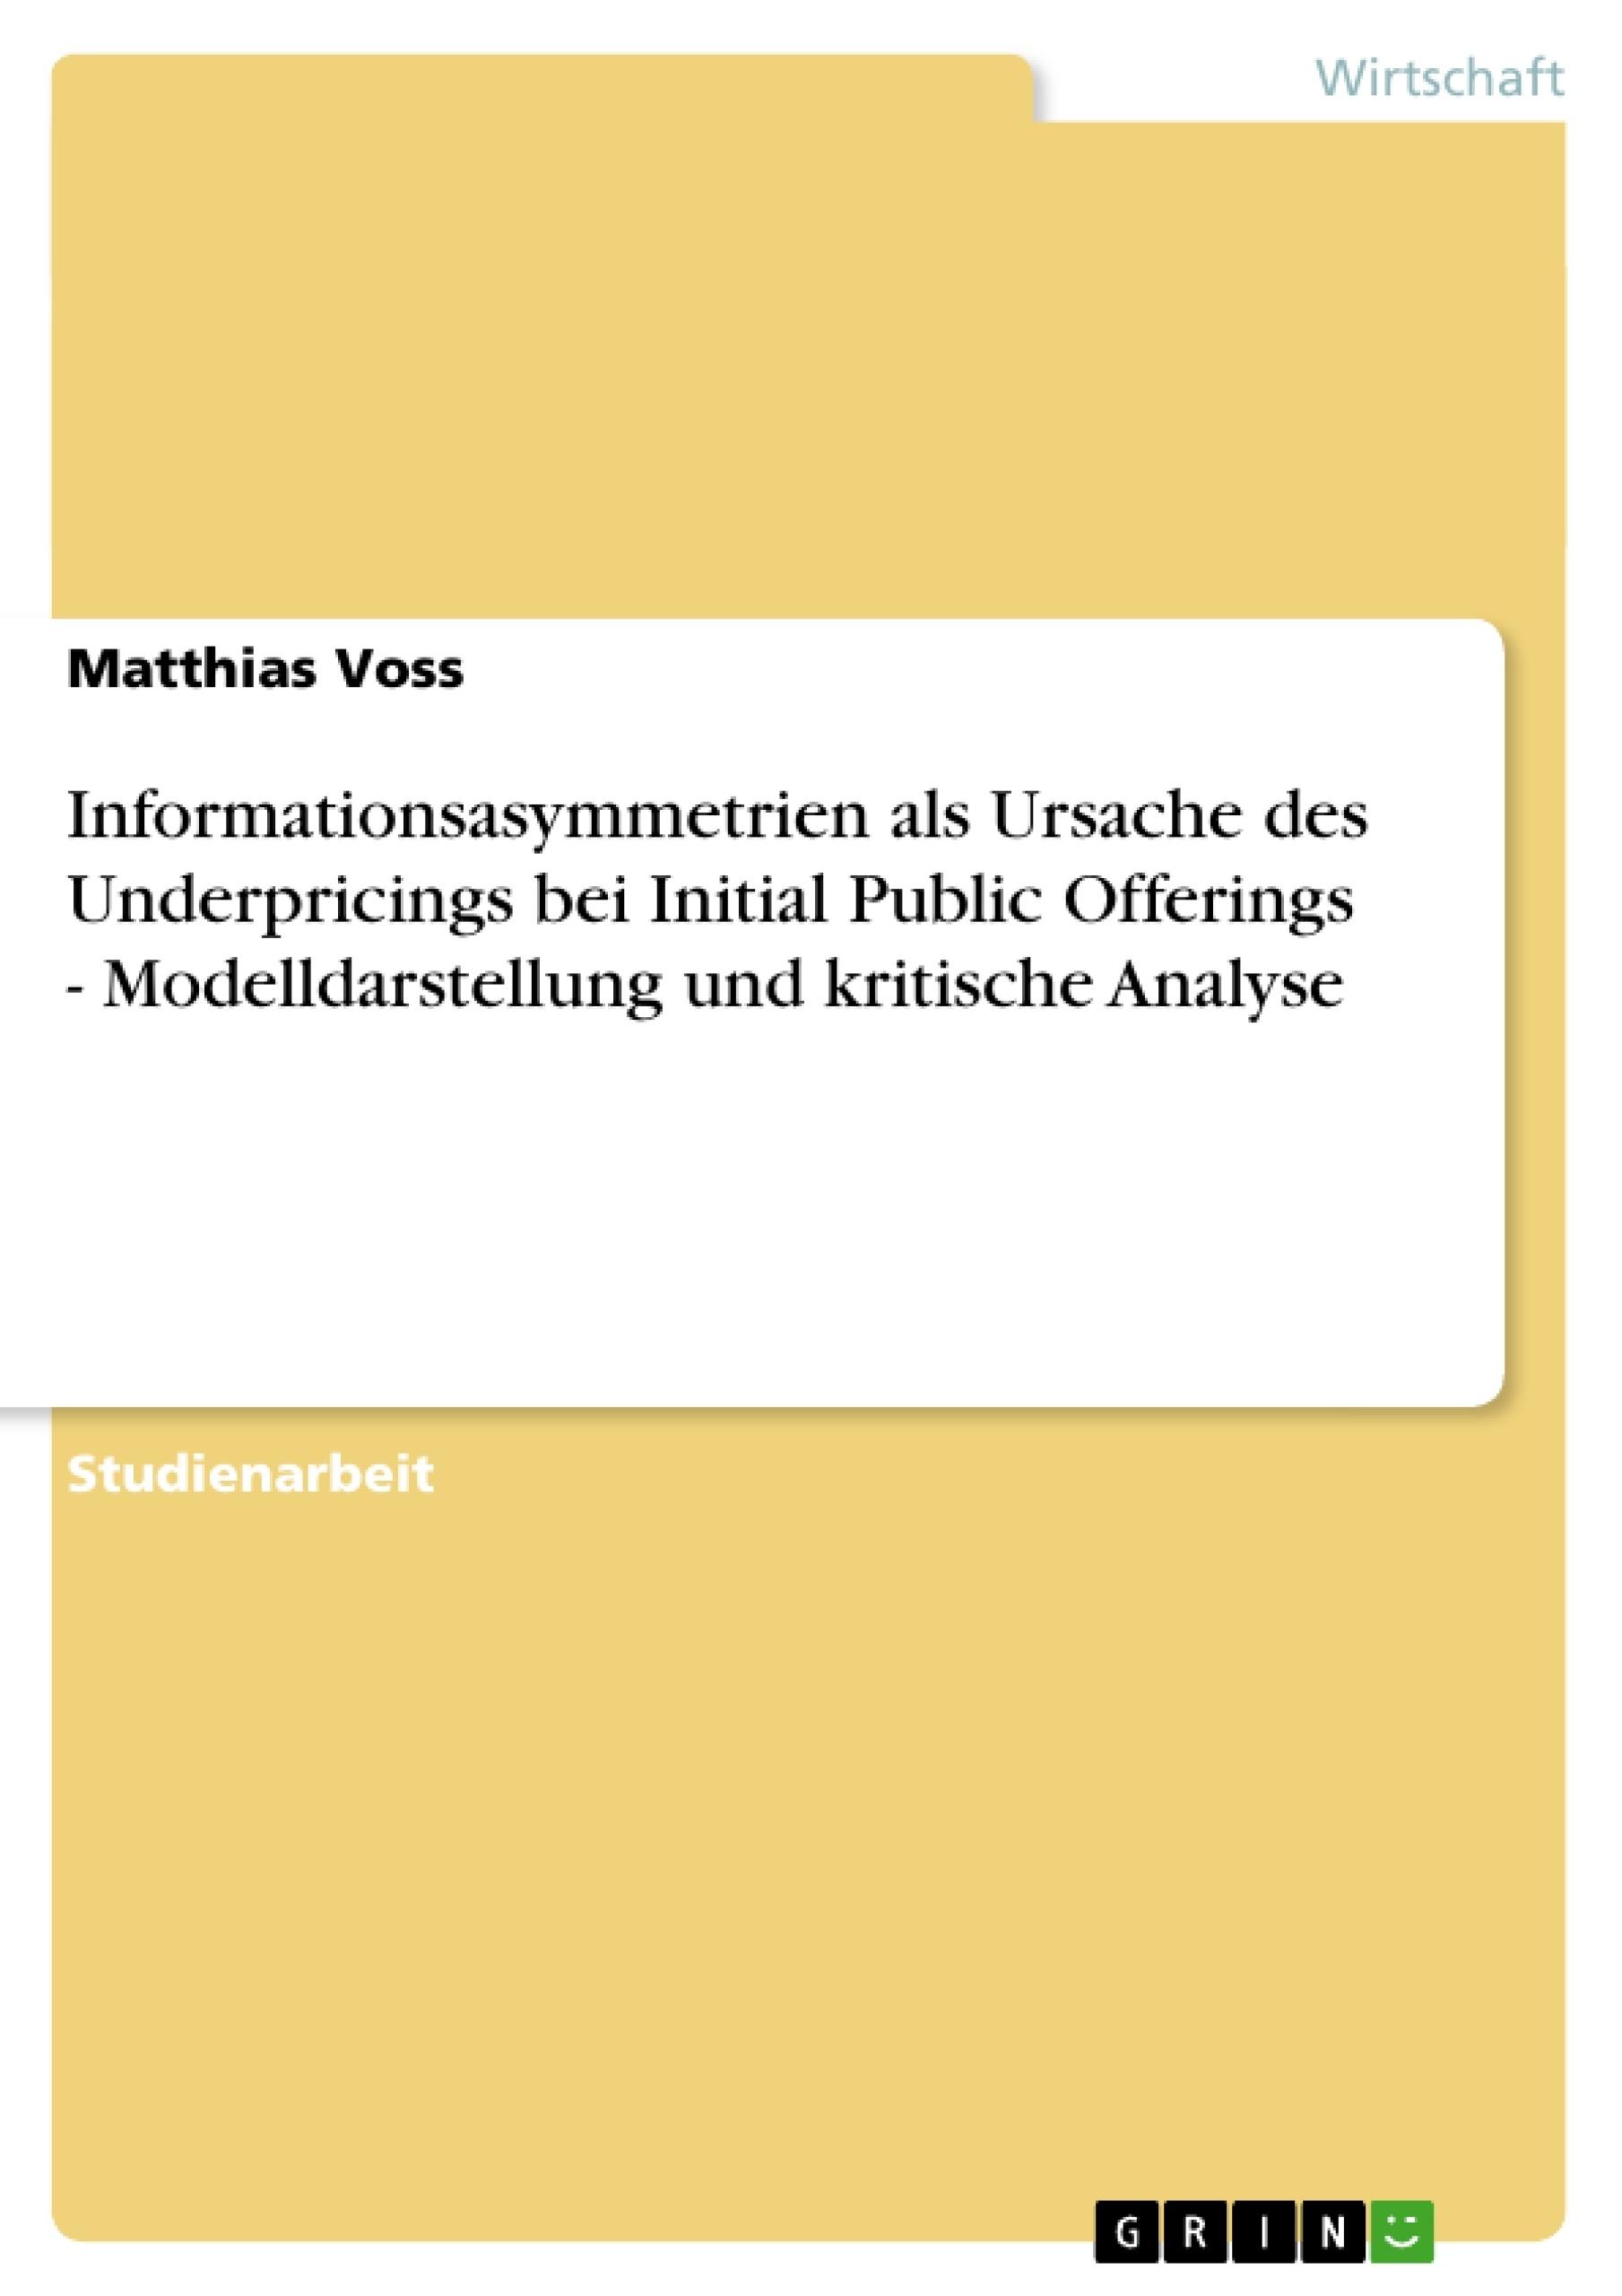 Titel: Informationsasymmetrien als Ursache des Underpricings bei Initial Public Offerings - Modelldarstellung und kritische Analyse